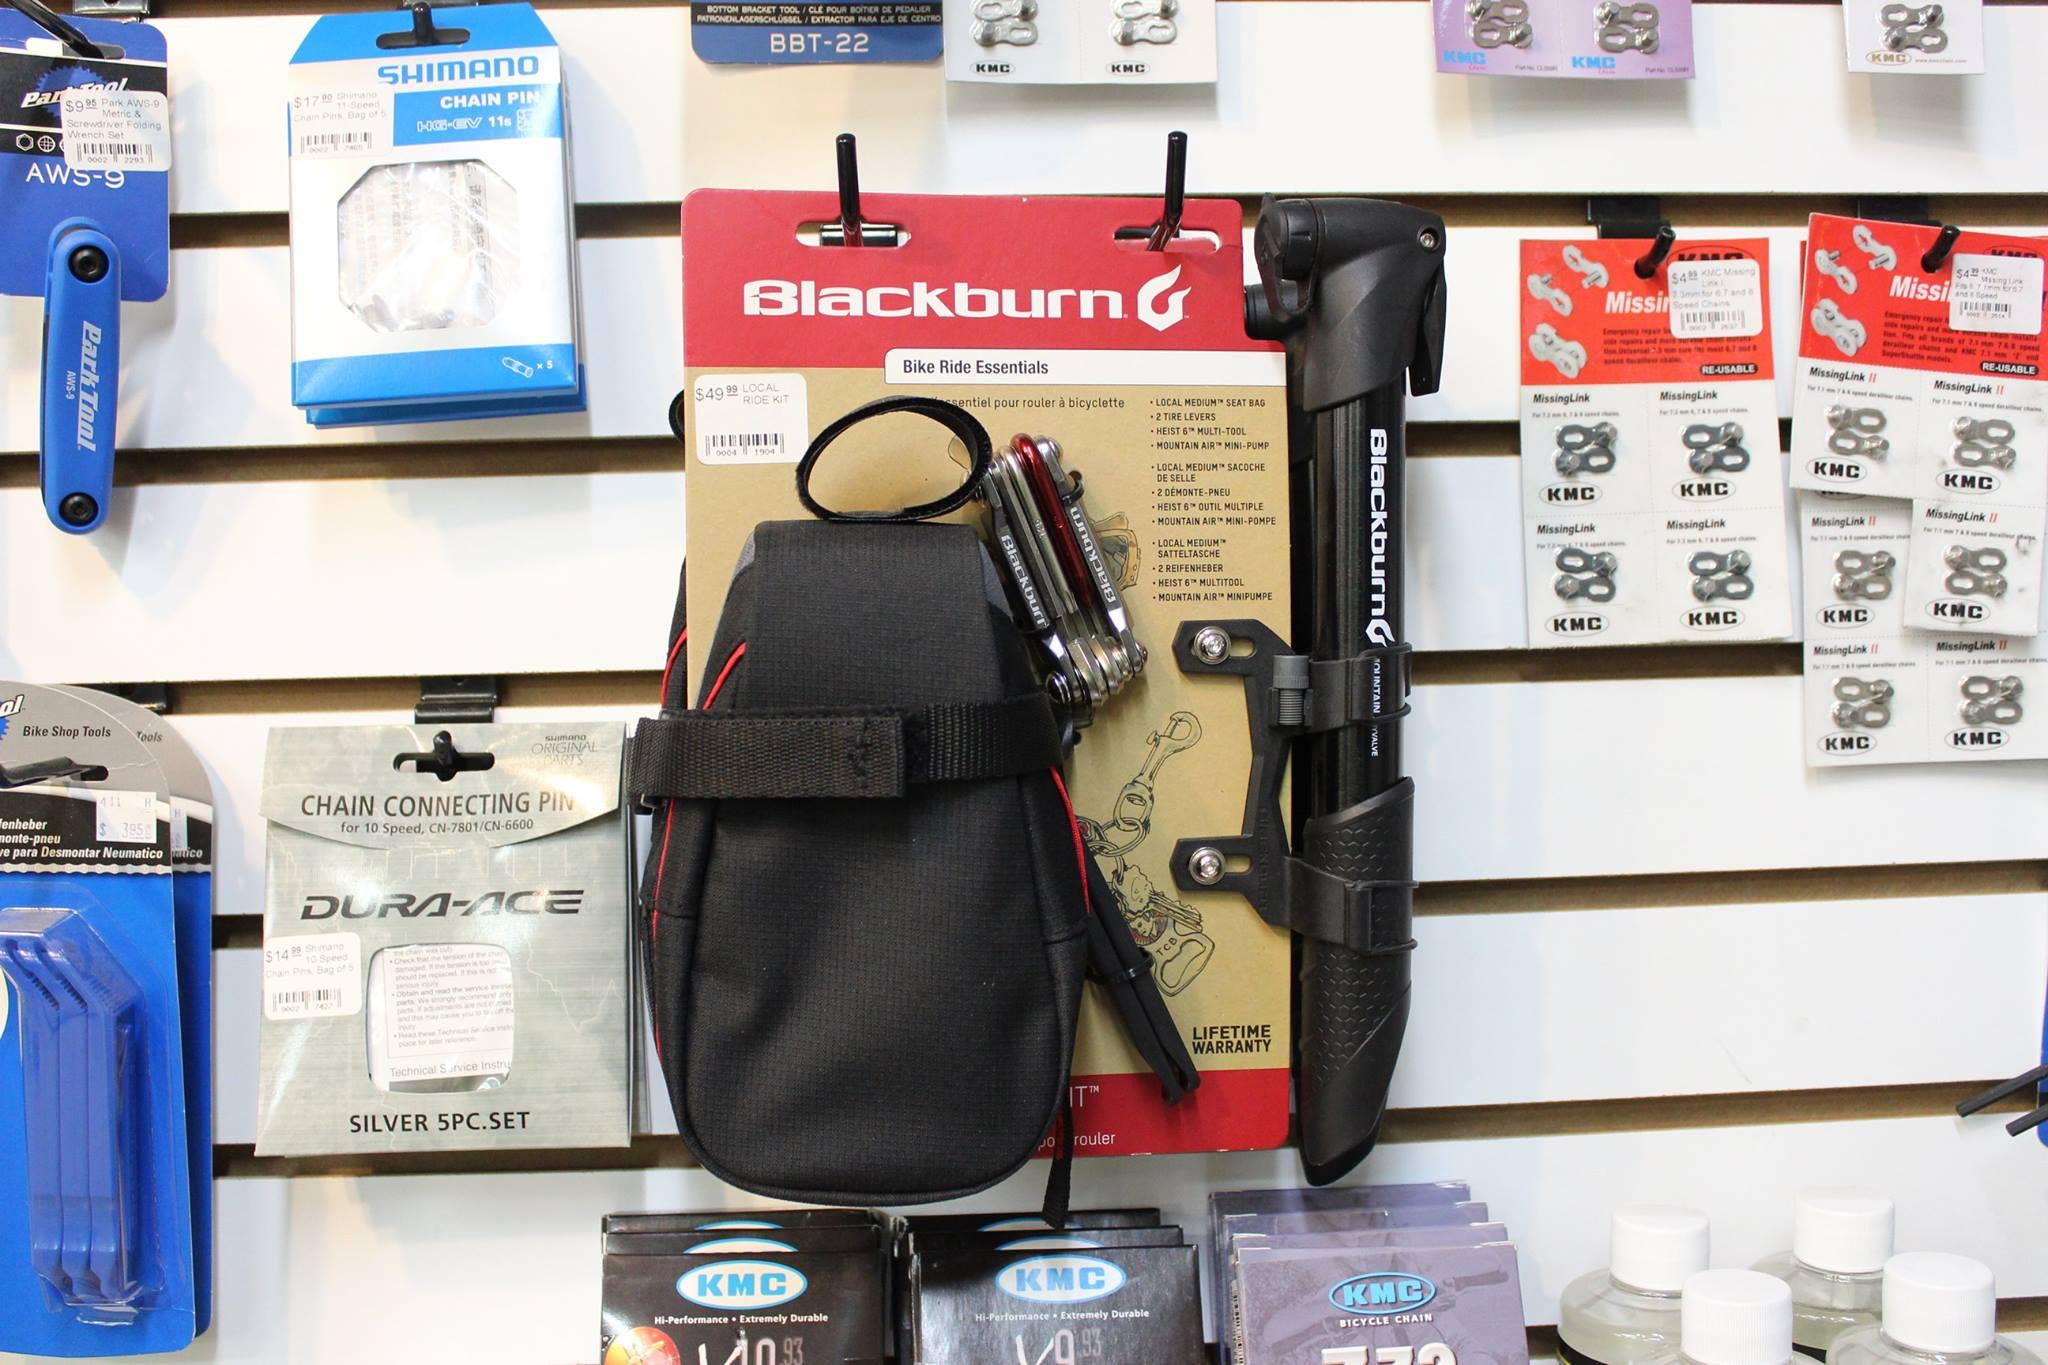 Blackburn Ride Essentials Kit